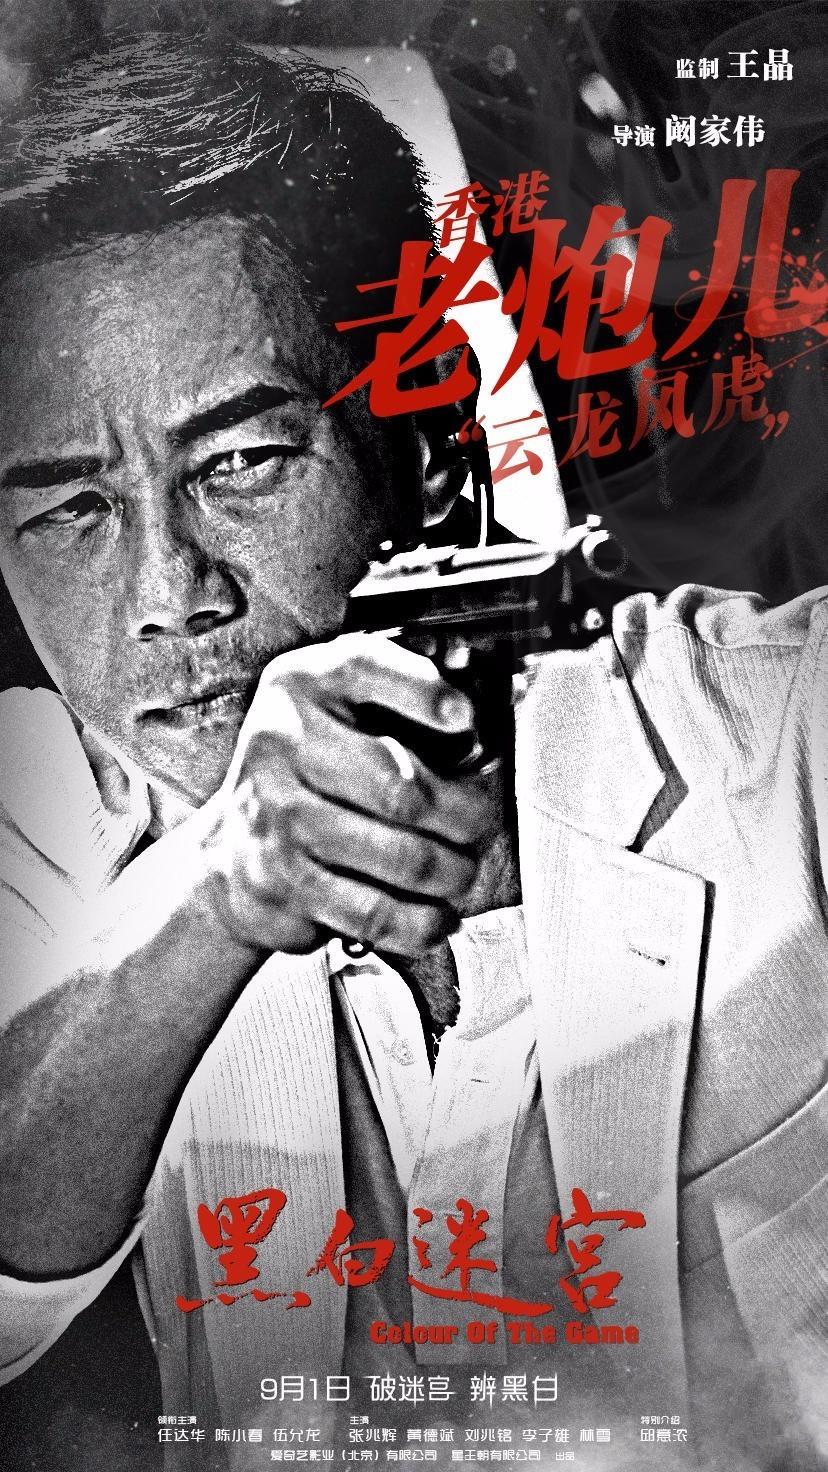 电影《黑白迷宫》将于9月1日正式上映.